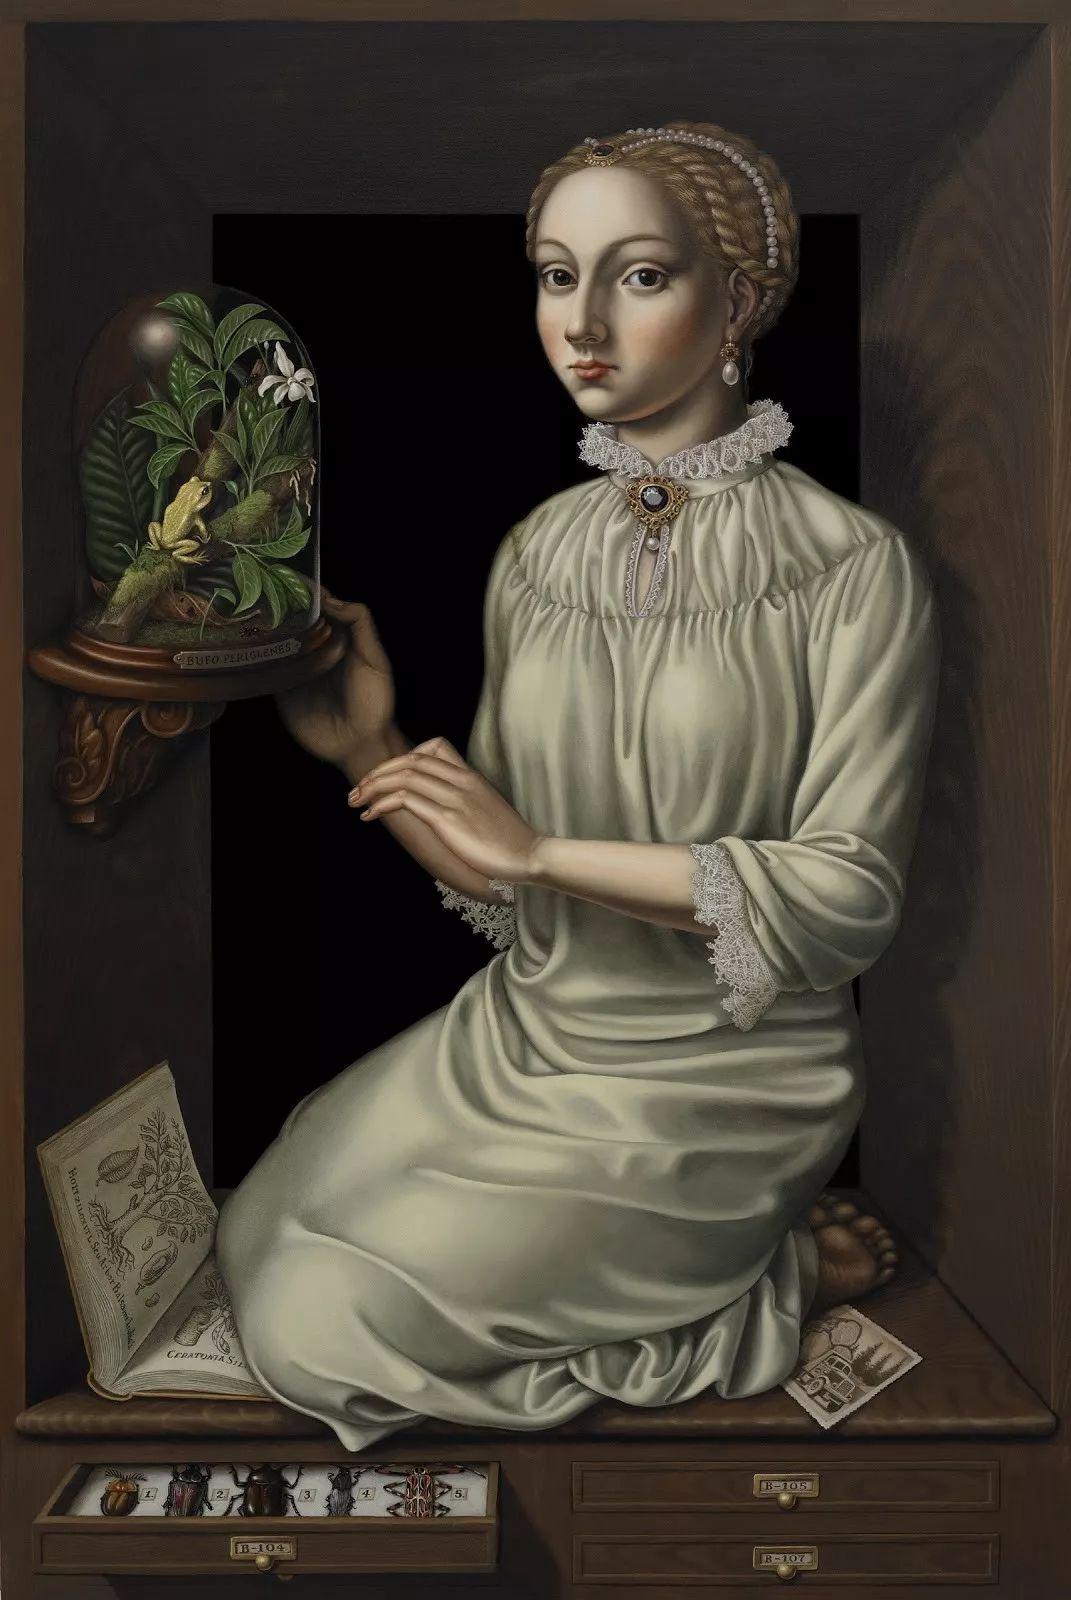 超现实主义,美国画家玛德琳·冯·福斯特插图1